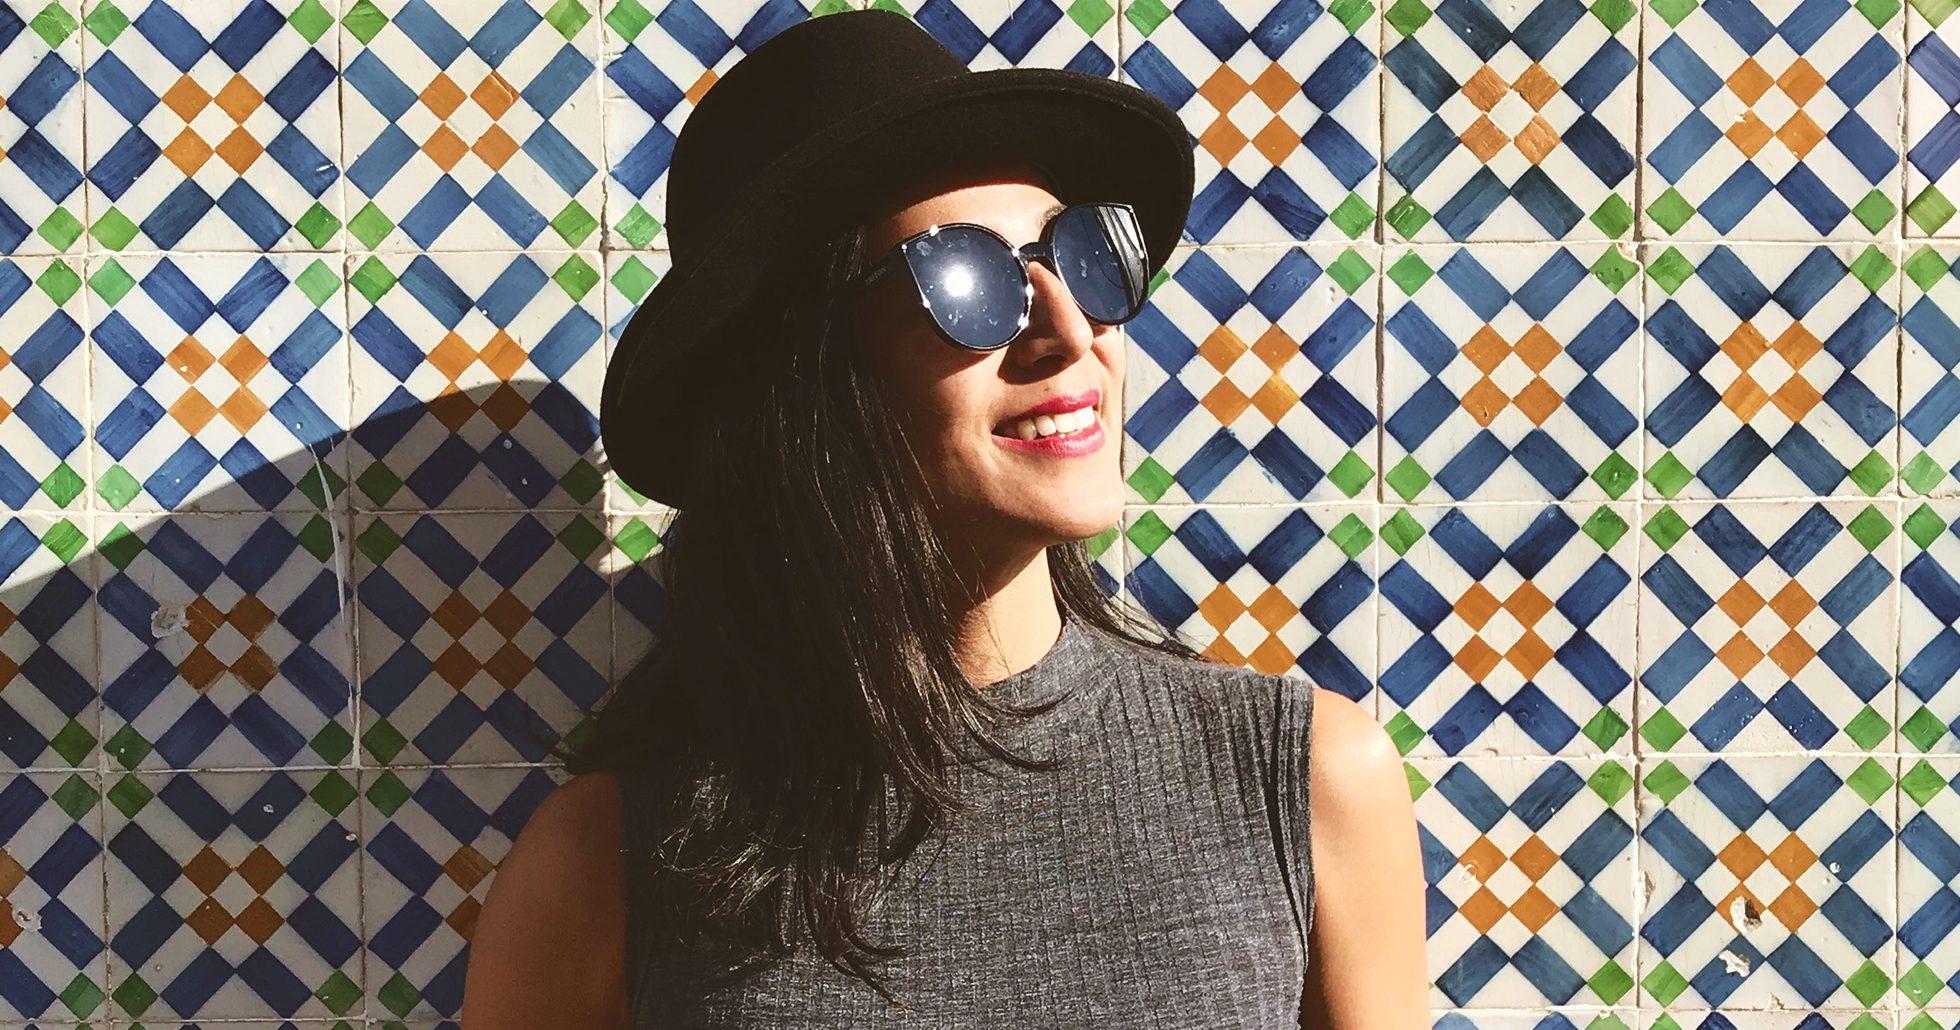 Kvinna i hatt och solglasögon ler